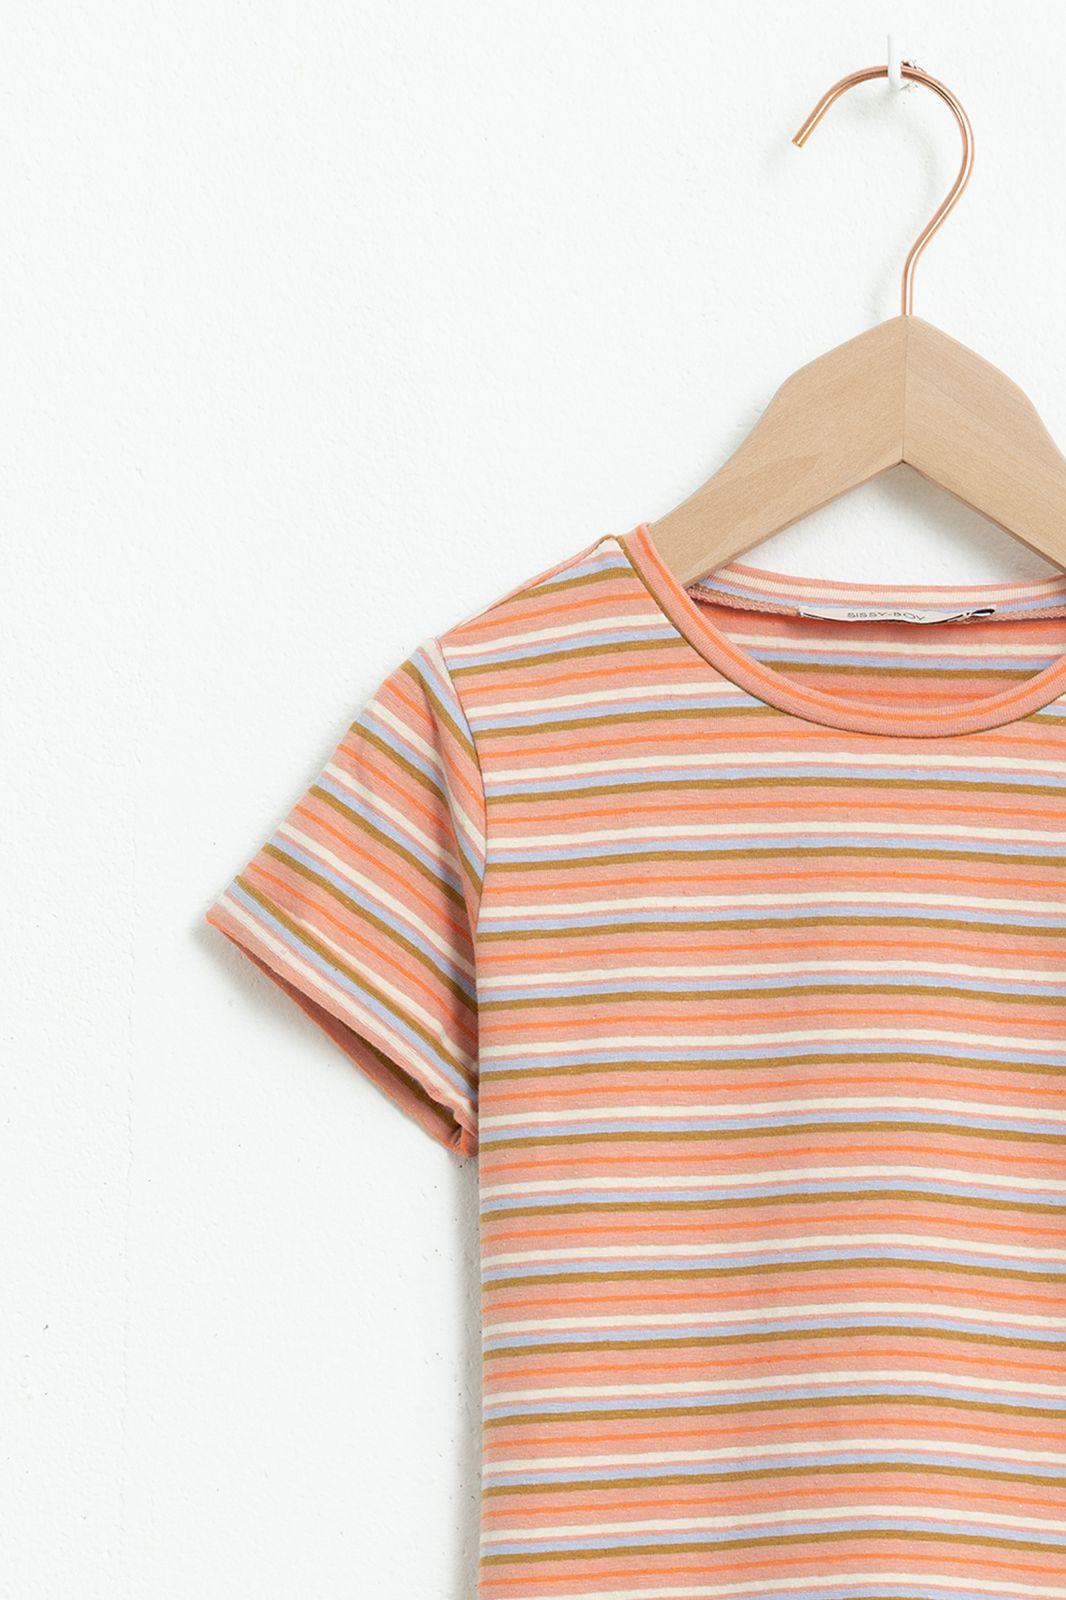 Multicolor gestreept T-shirt met korte mouw